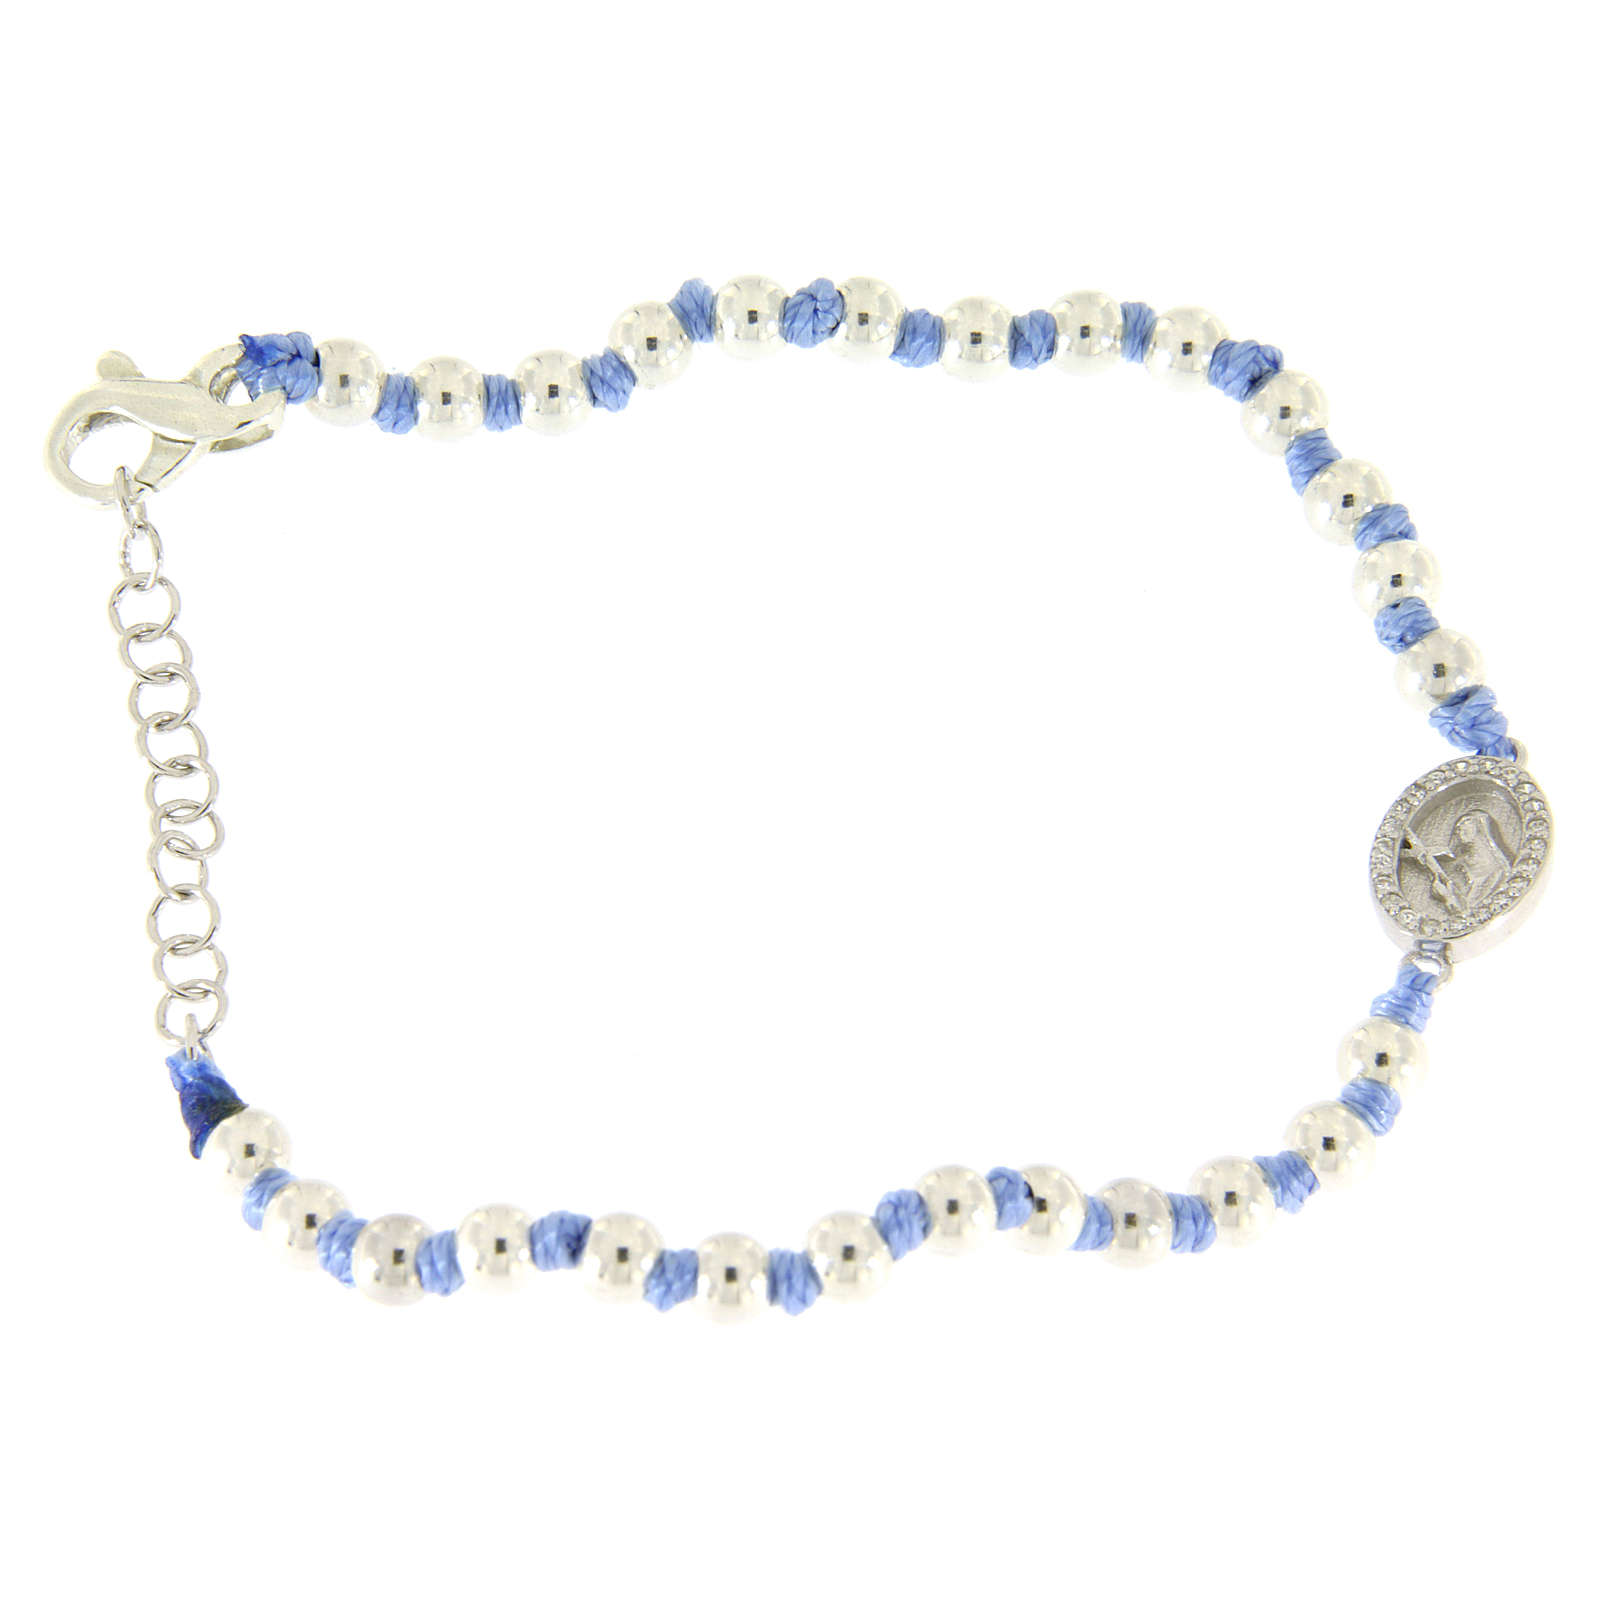 Bracciale medaglietta S. Rita argento e zirconi bianchi, sfere argento 3 mm e nodi in cotone azzurro 4